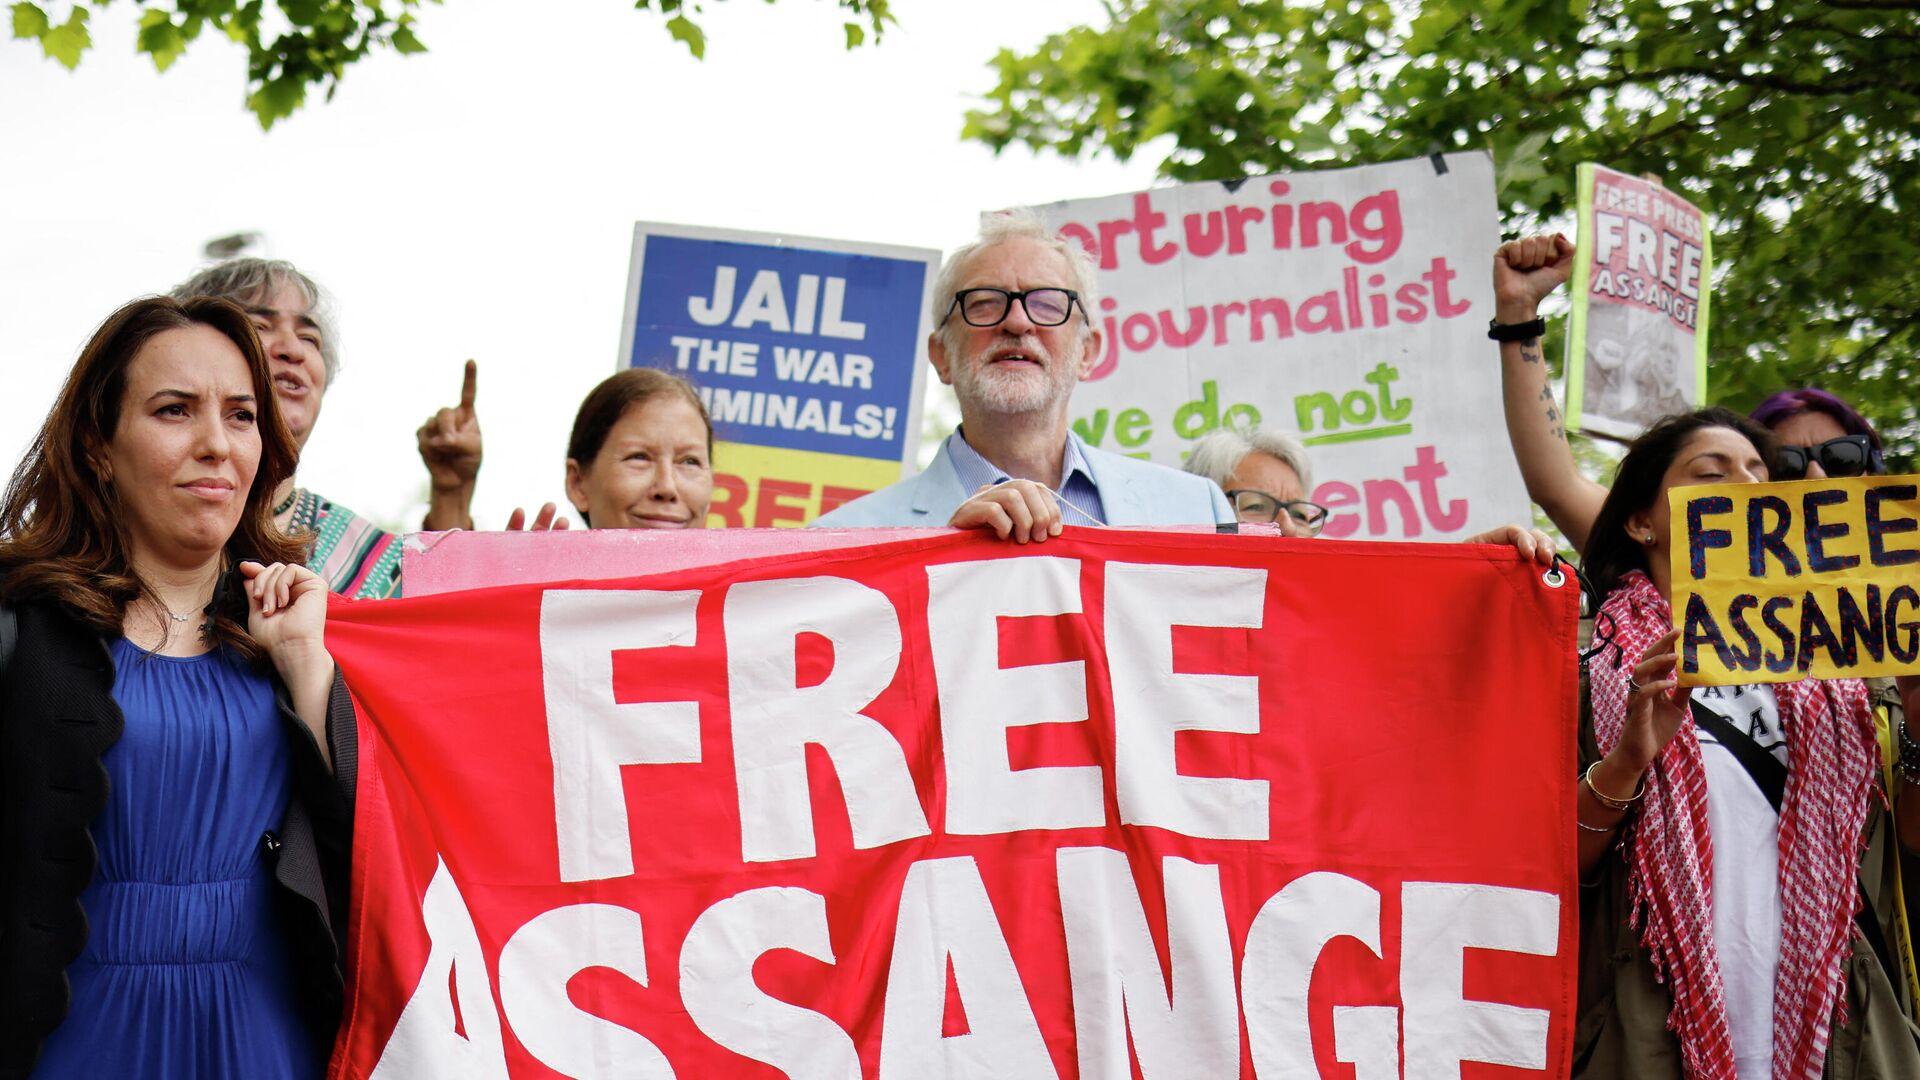 La pareja y madre de dos hijos de Julian Assange, Stella Moris, el lider laborista británico, Jeremy Corbyn, y otros partidarios del fundador de Wikileaks - Sputnik Mundo, 1920, 07.07.2021